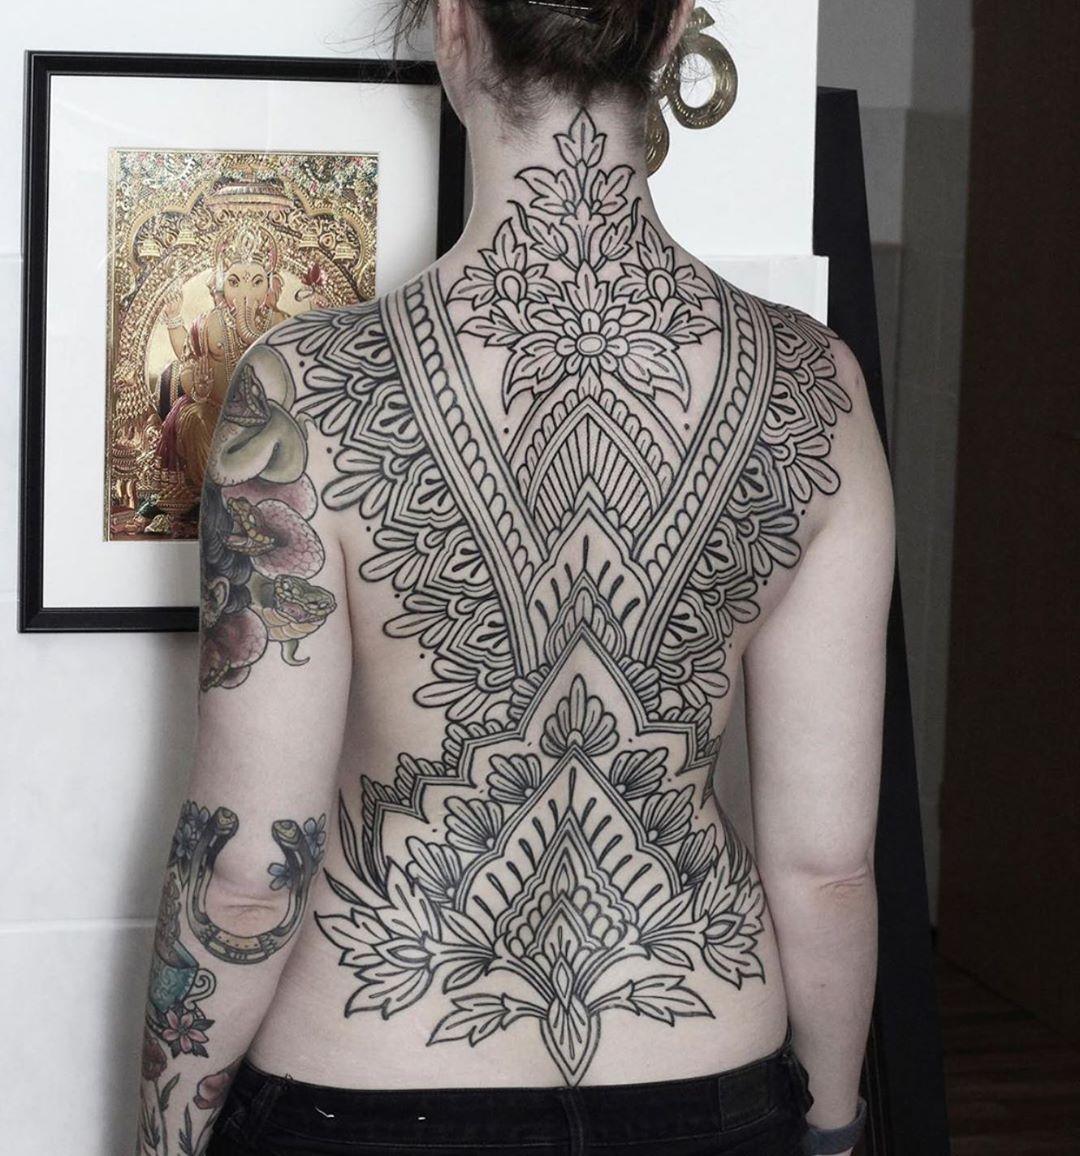 женская татуировка на спине блэкворк